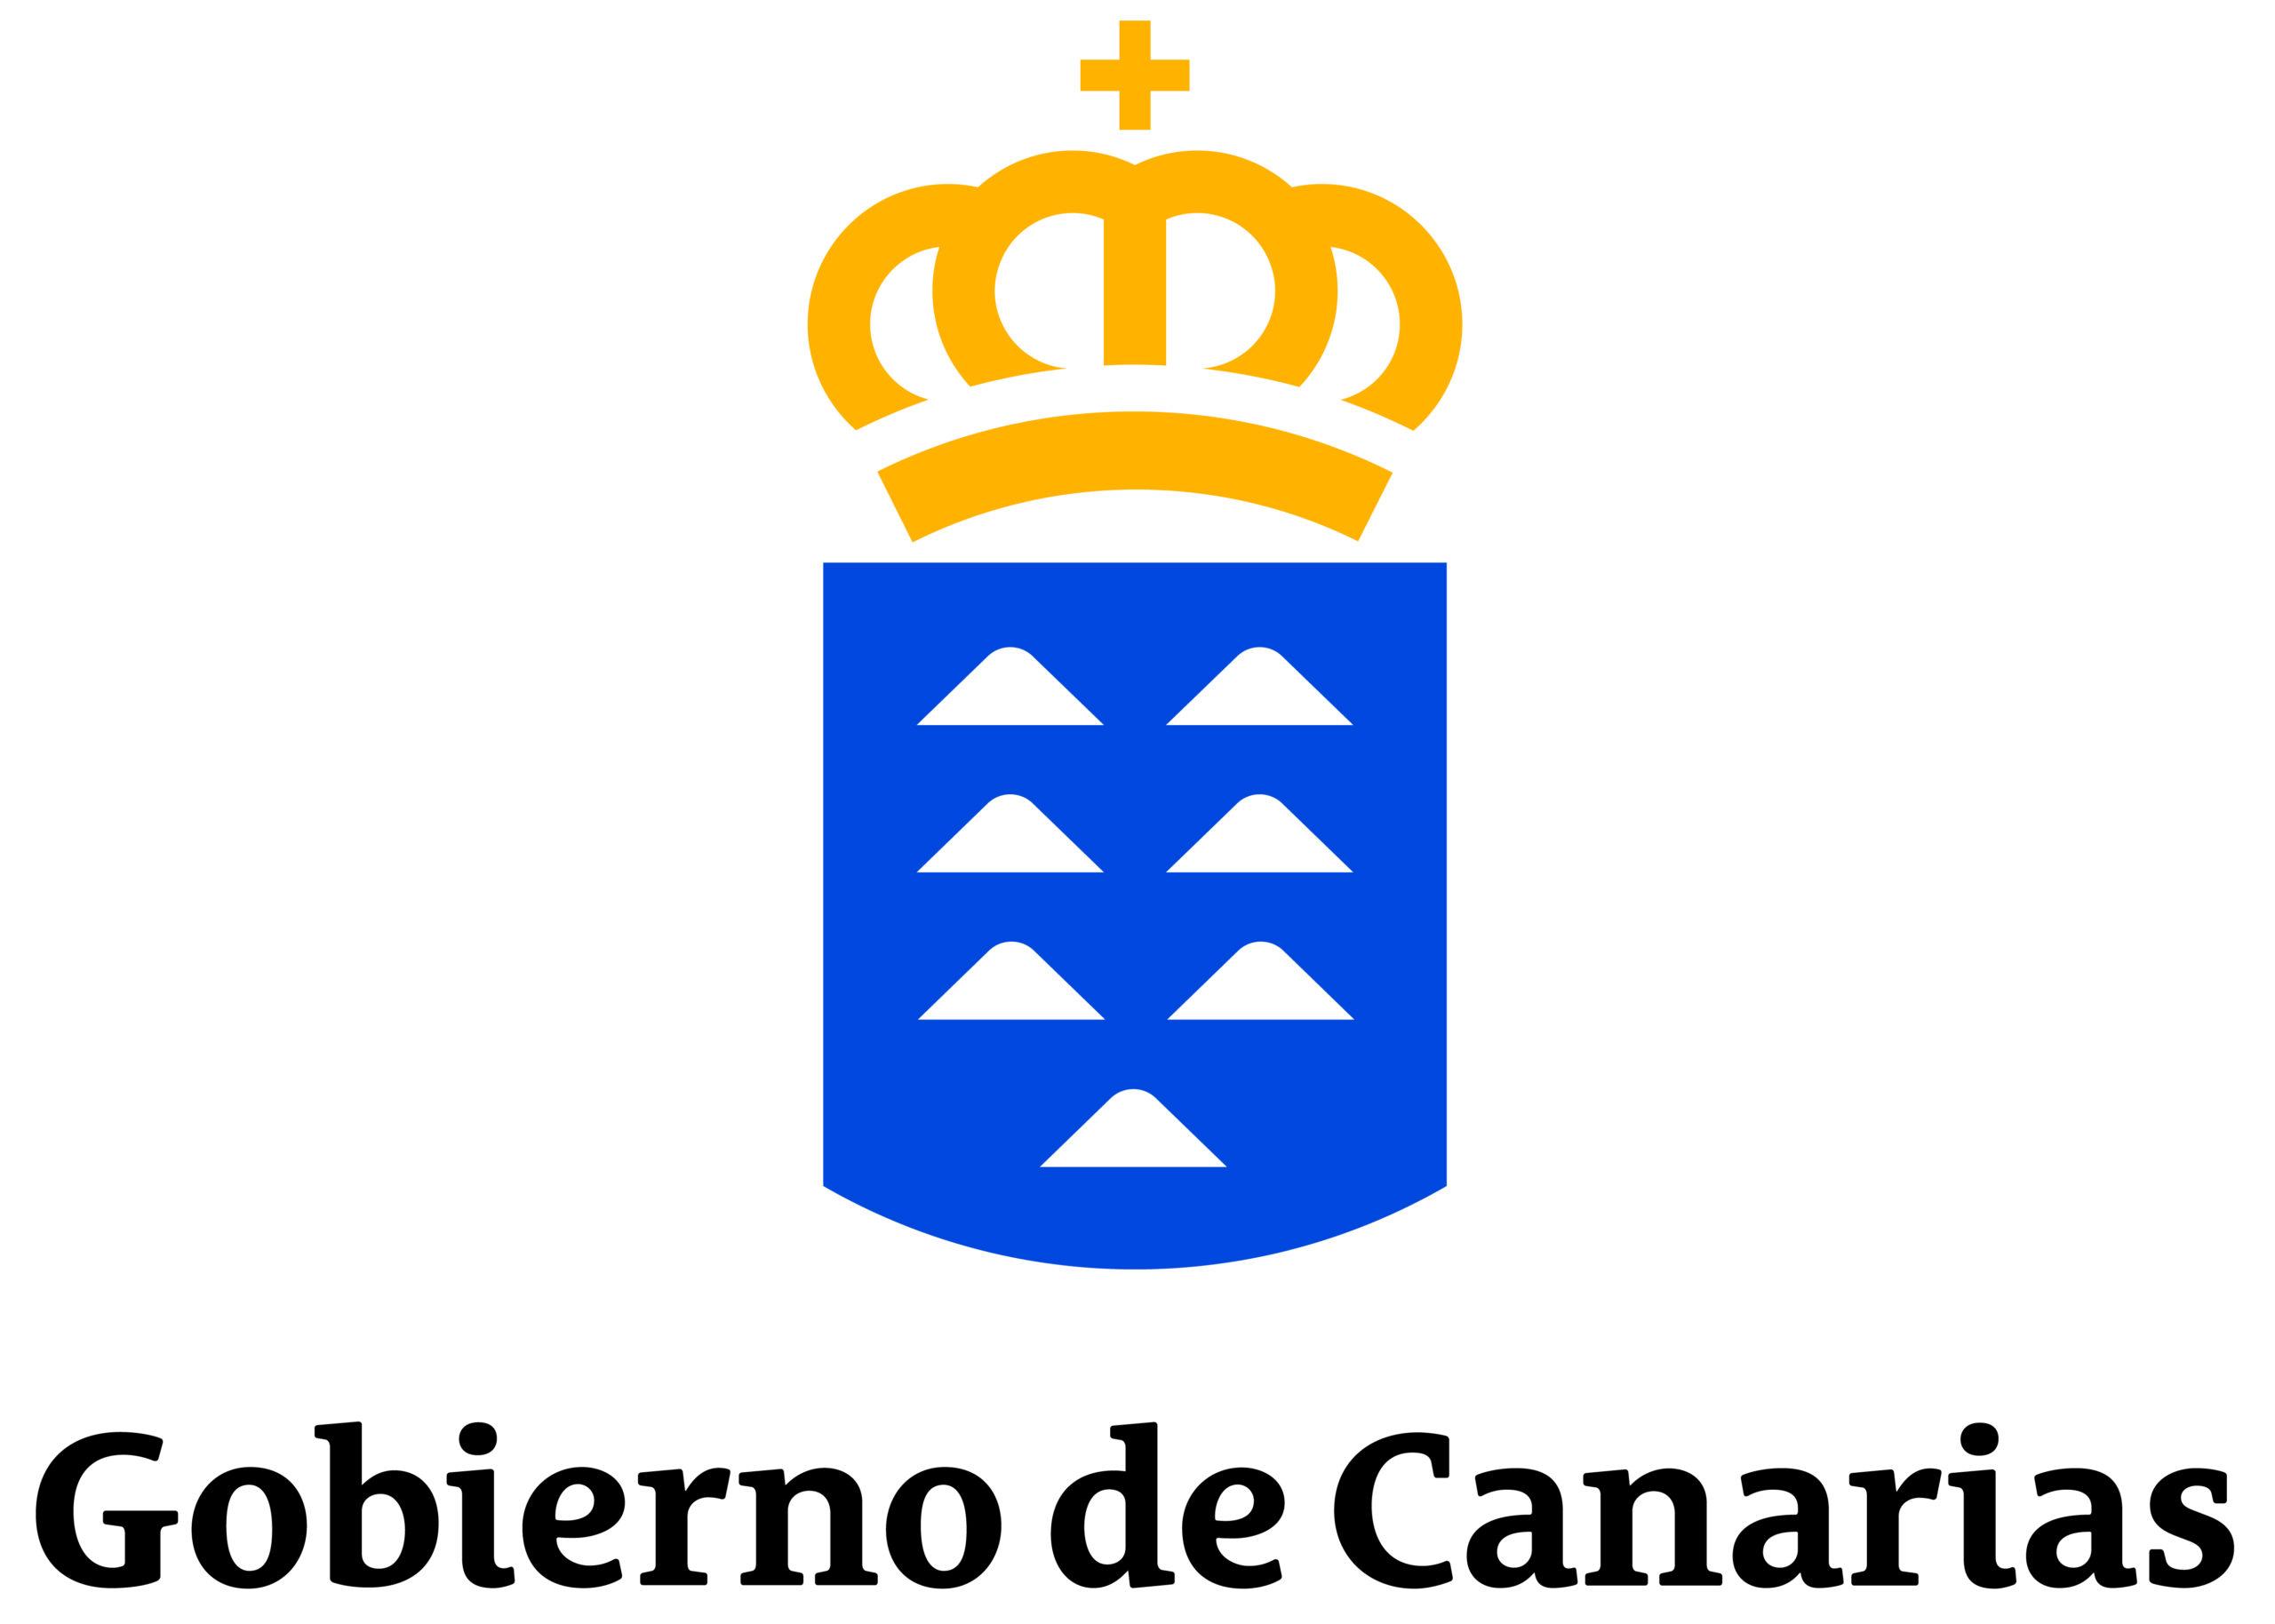 La DIRECCION GENERAL DE TELECOMUNICACIONES Y NUEVAS TECNOLOGIAS DE CANARIAS cuenta con la colaboración de START UP